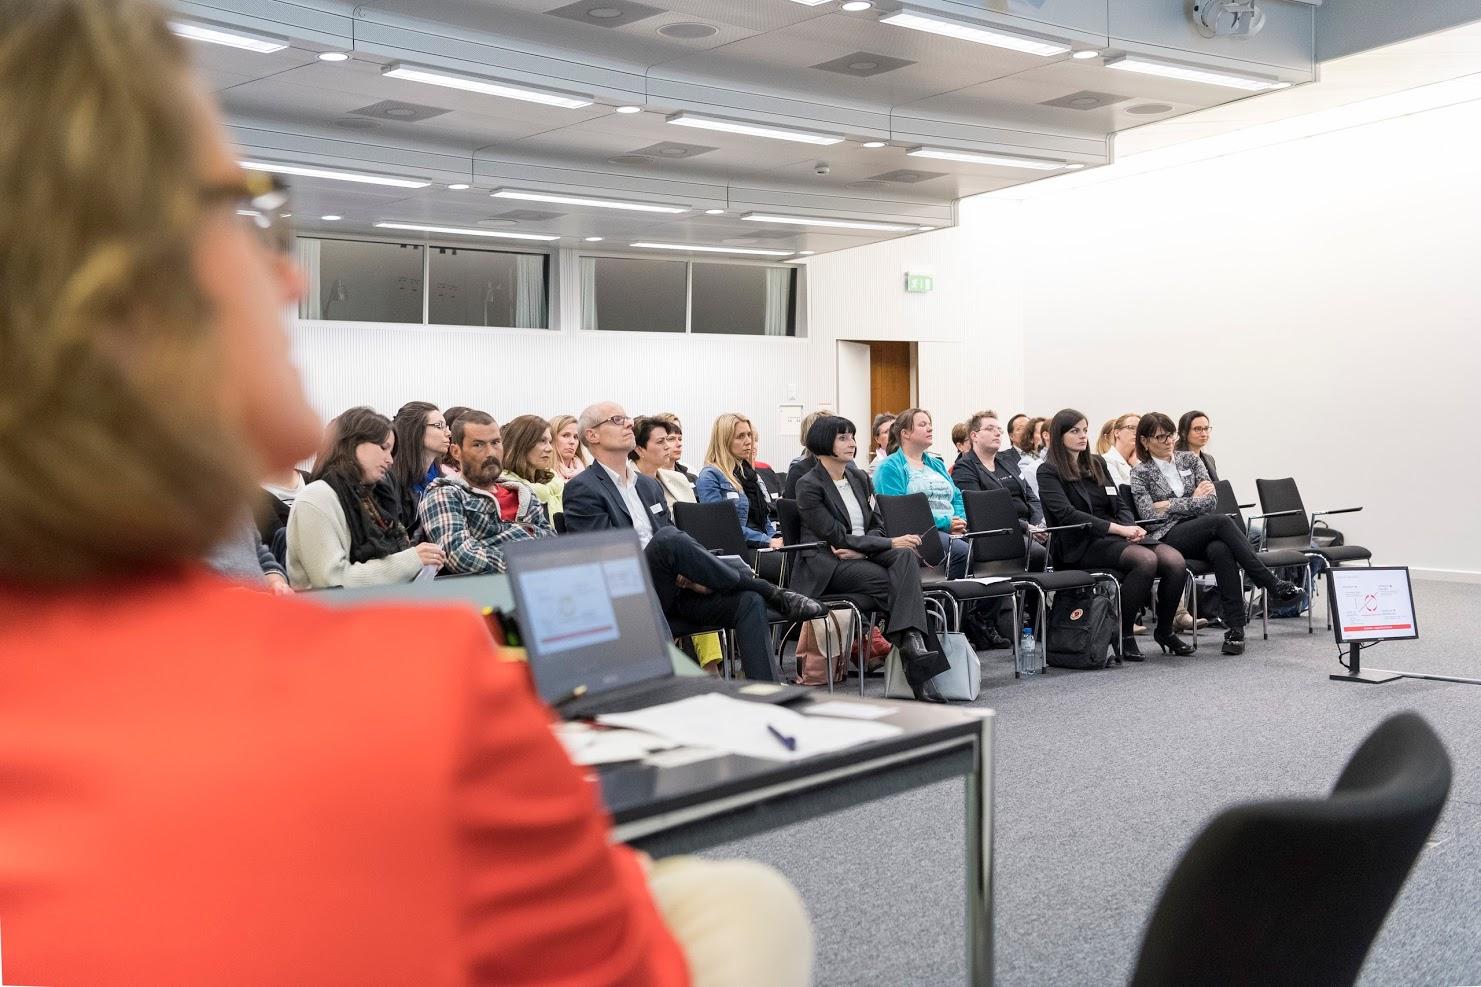 WirtschaftsFrauenCH_BusinessTalk_Bern17-4131